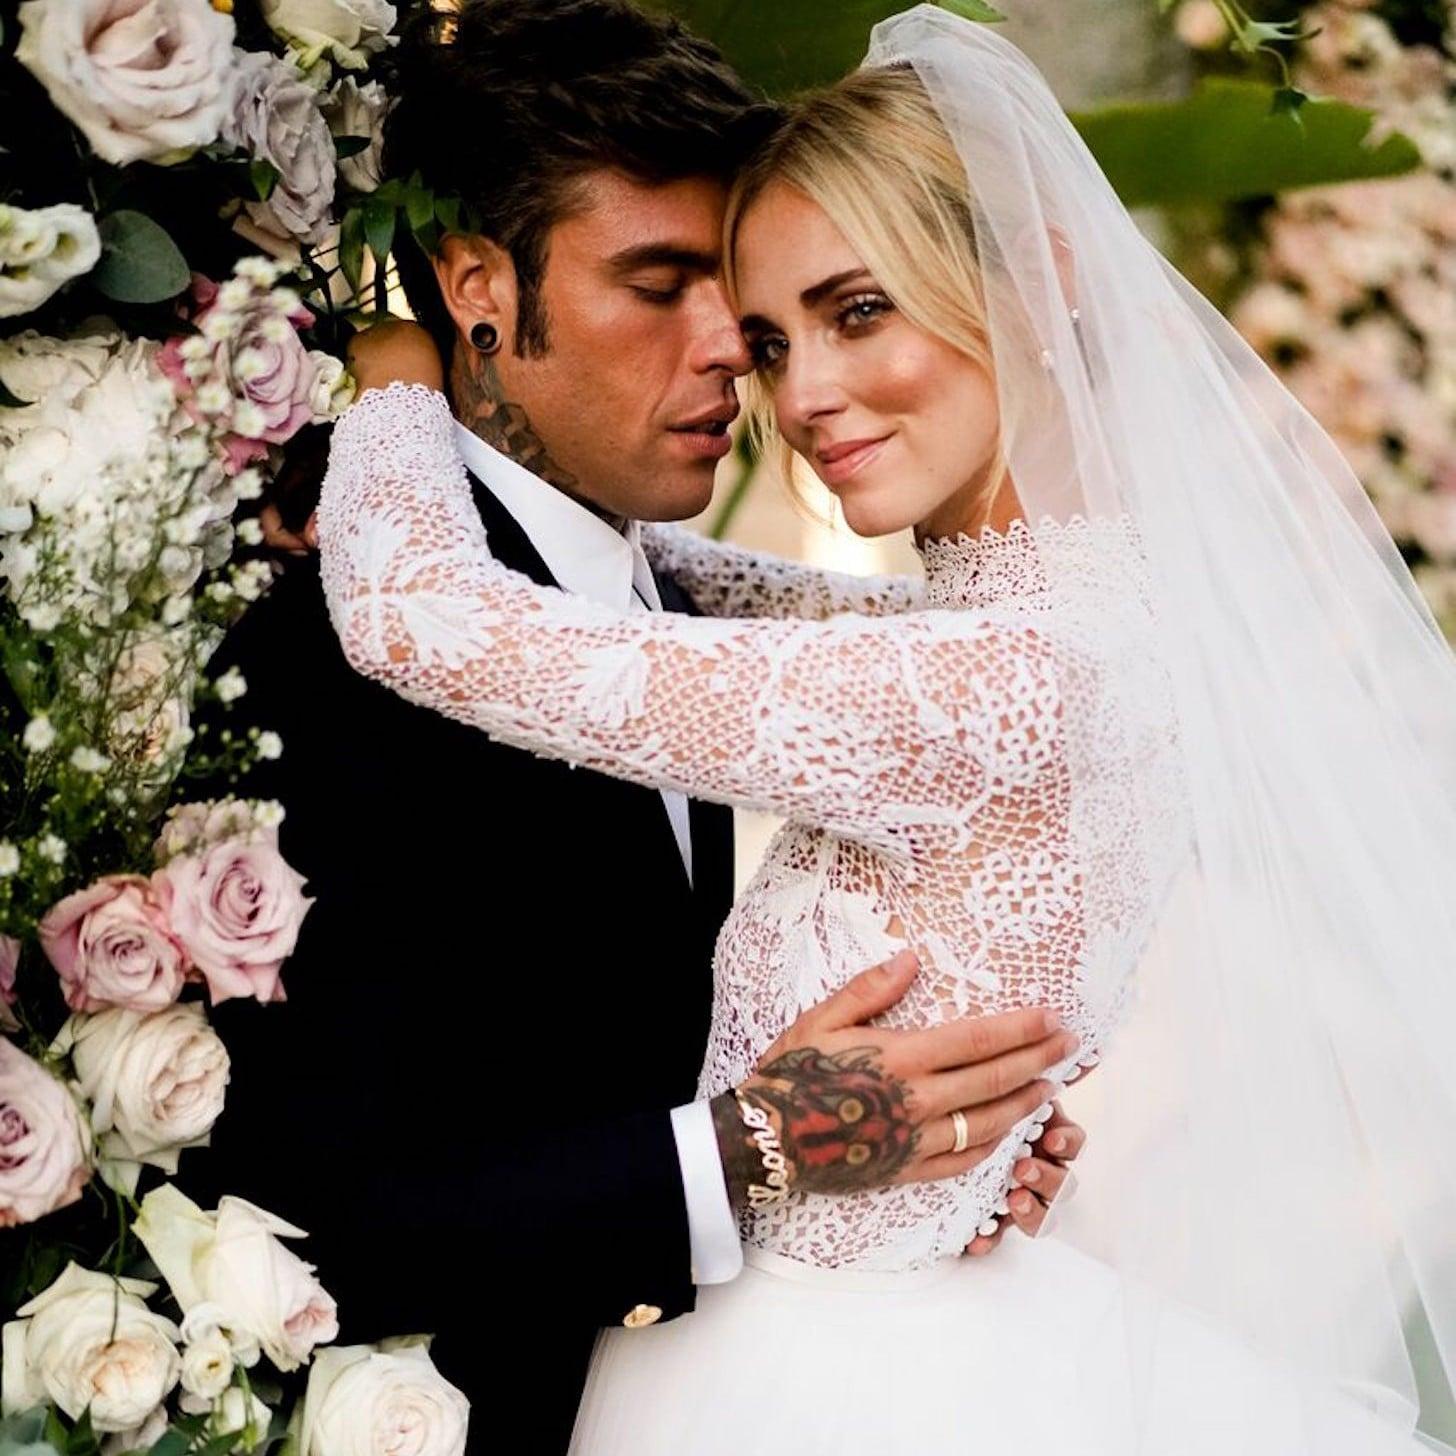 Chiara Ferragni làm đẹp đám cưới 6